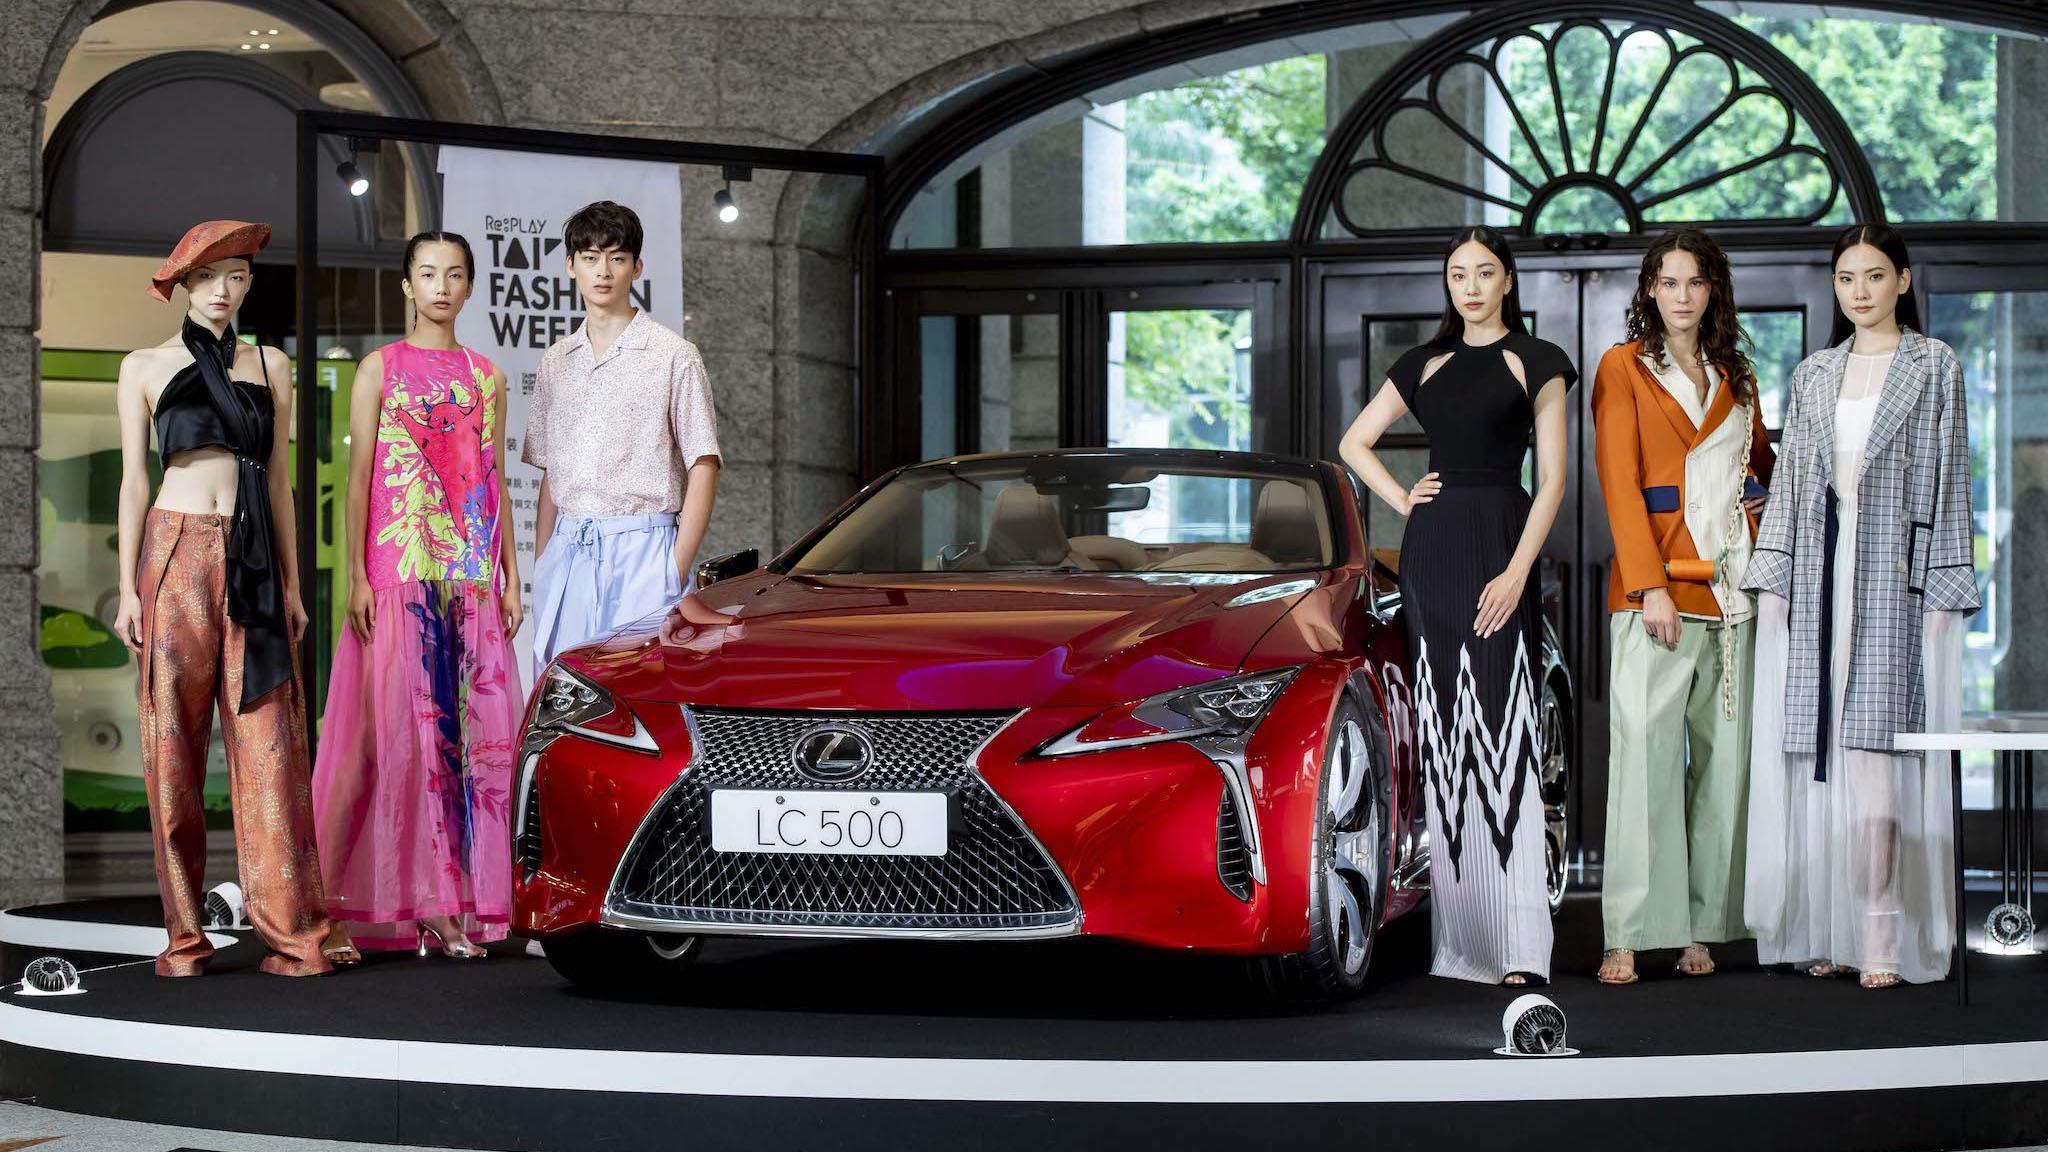 ▲ Lexus 再度贊助臺北時裝周,完整活動表曝光